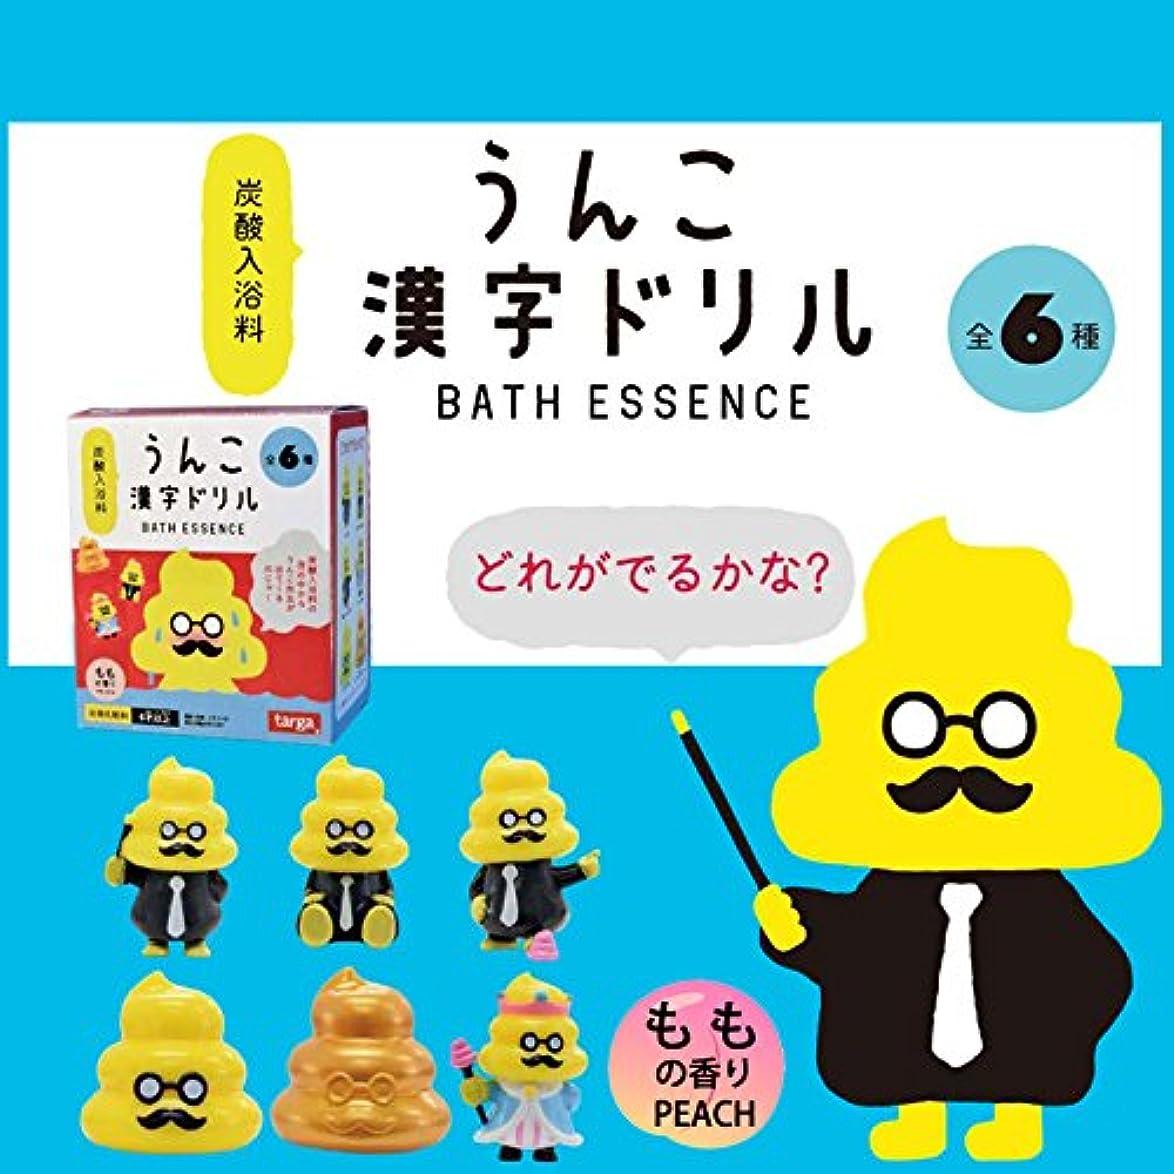 アーチ気体の薄いうんこ漢字ドリル 炭酸入浴料 6個1セット 入浴剤